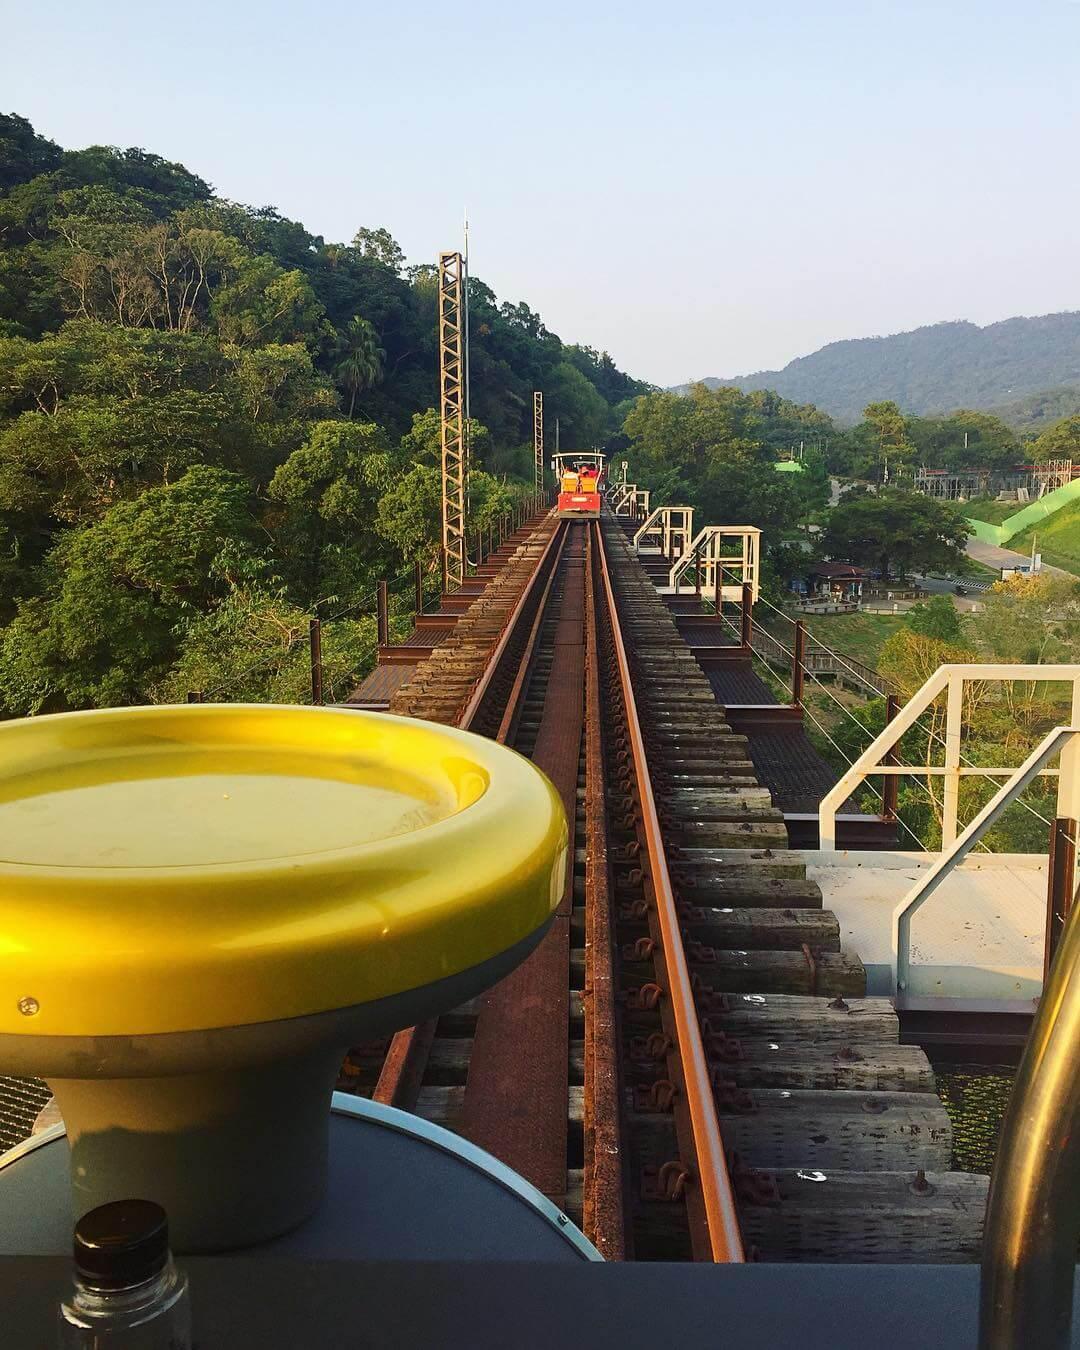 鐵道自行車走在魚藤坪鐵橋上。(圖/吐司客拍攝)